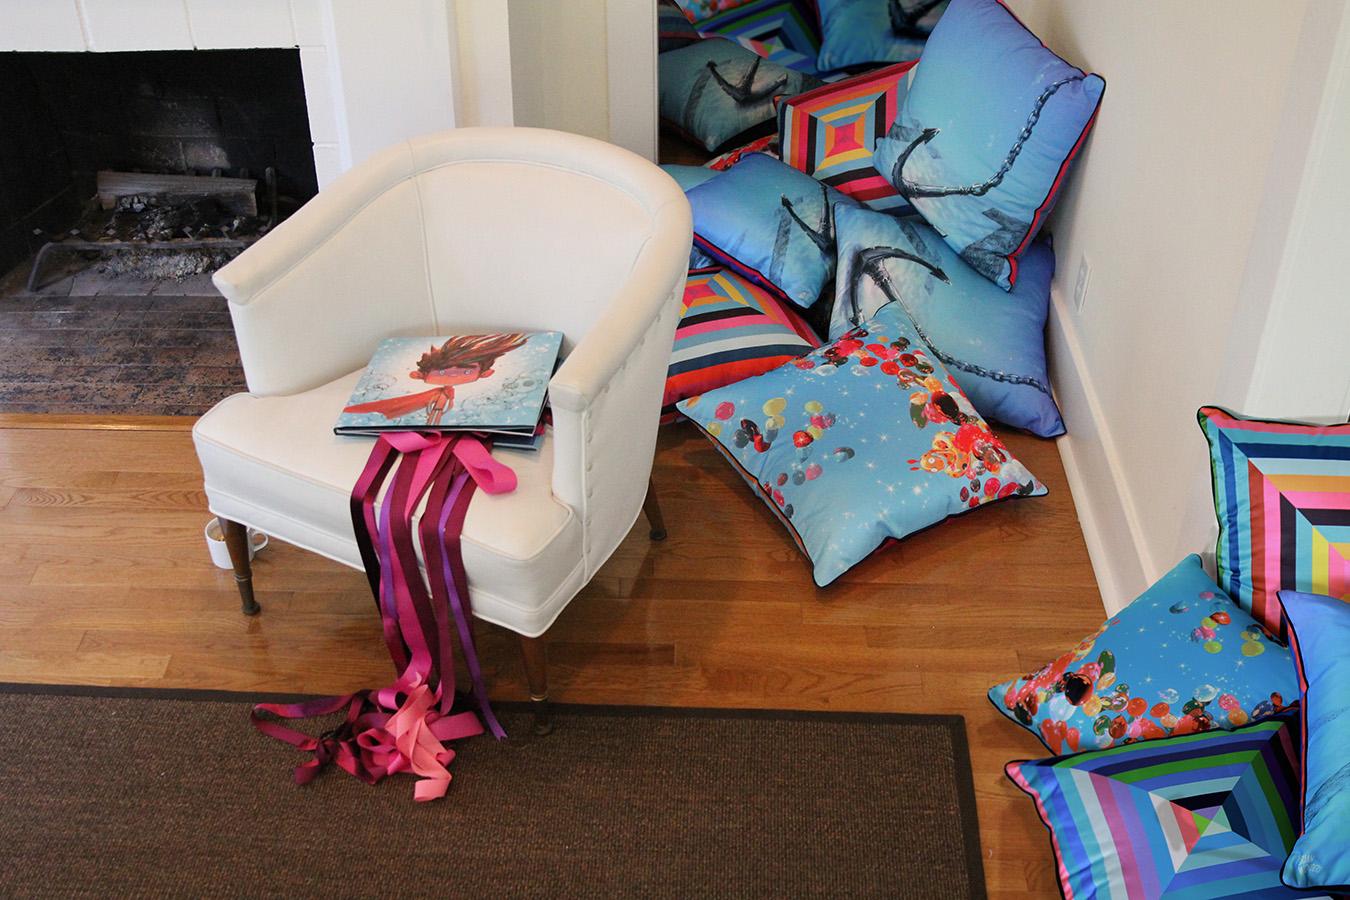 brian-wonders-pillows-2016-4.jpg